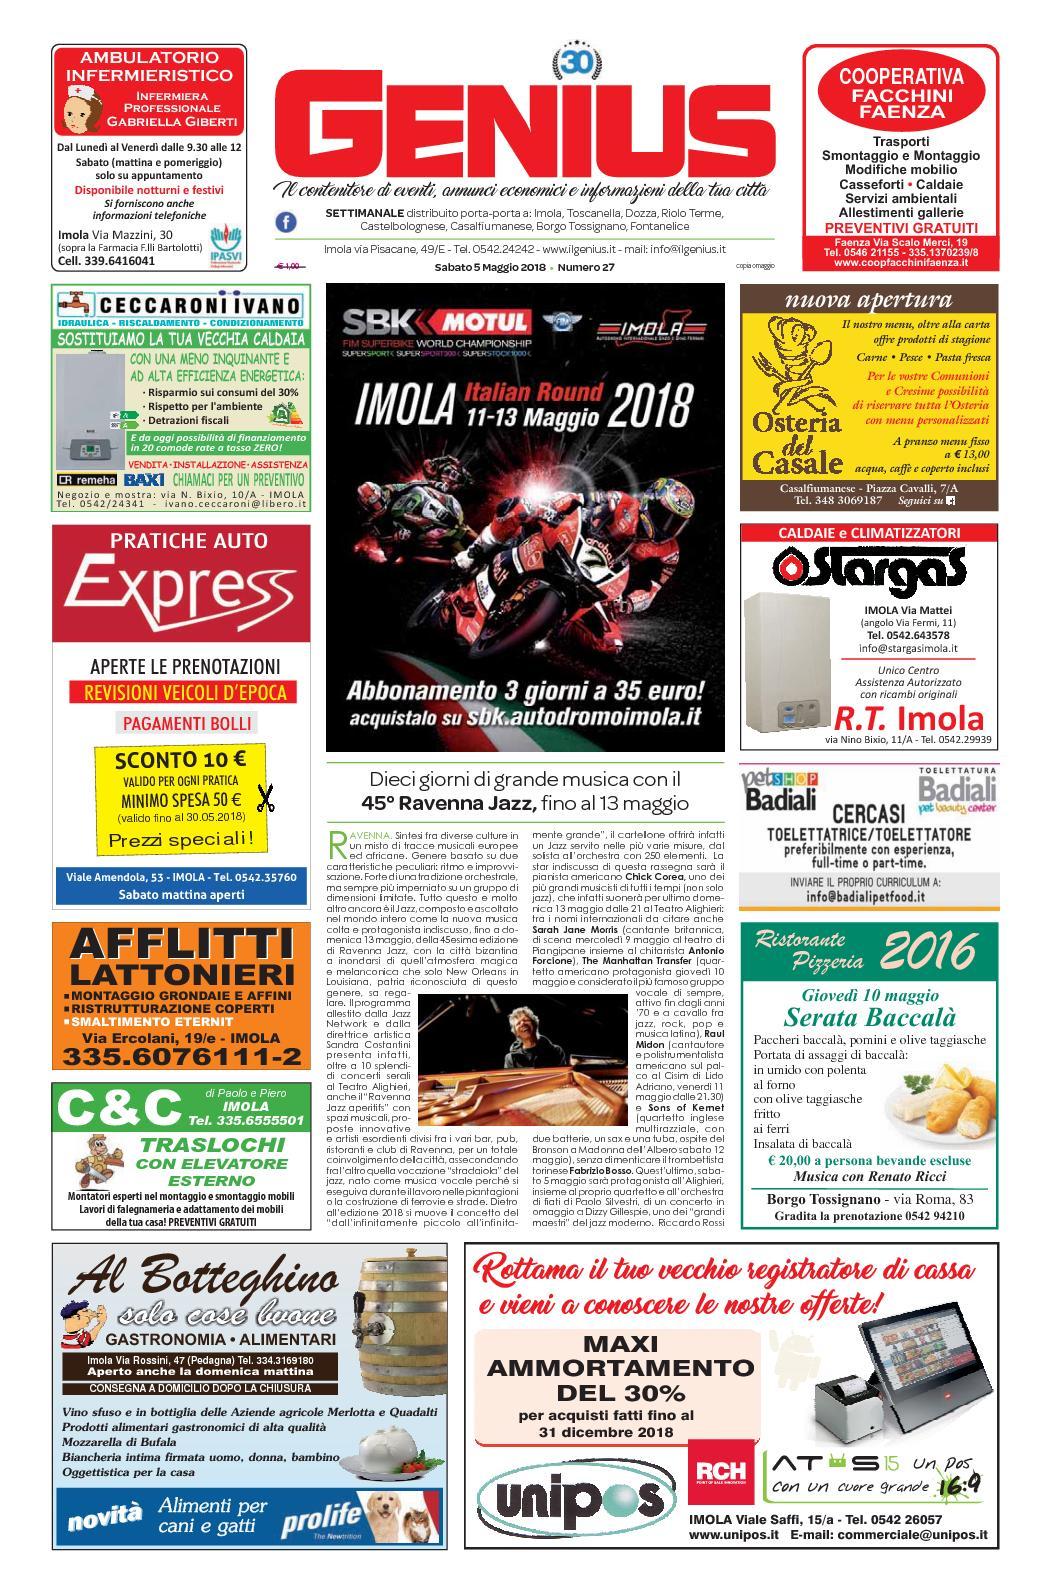 Detrazione Tinteggiatura Interna 2016 calaméo - num 27 del 5 maggio 2018